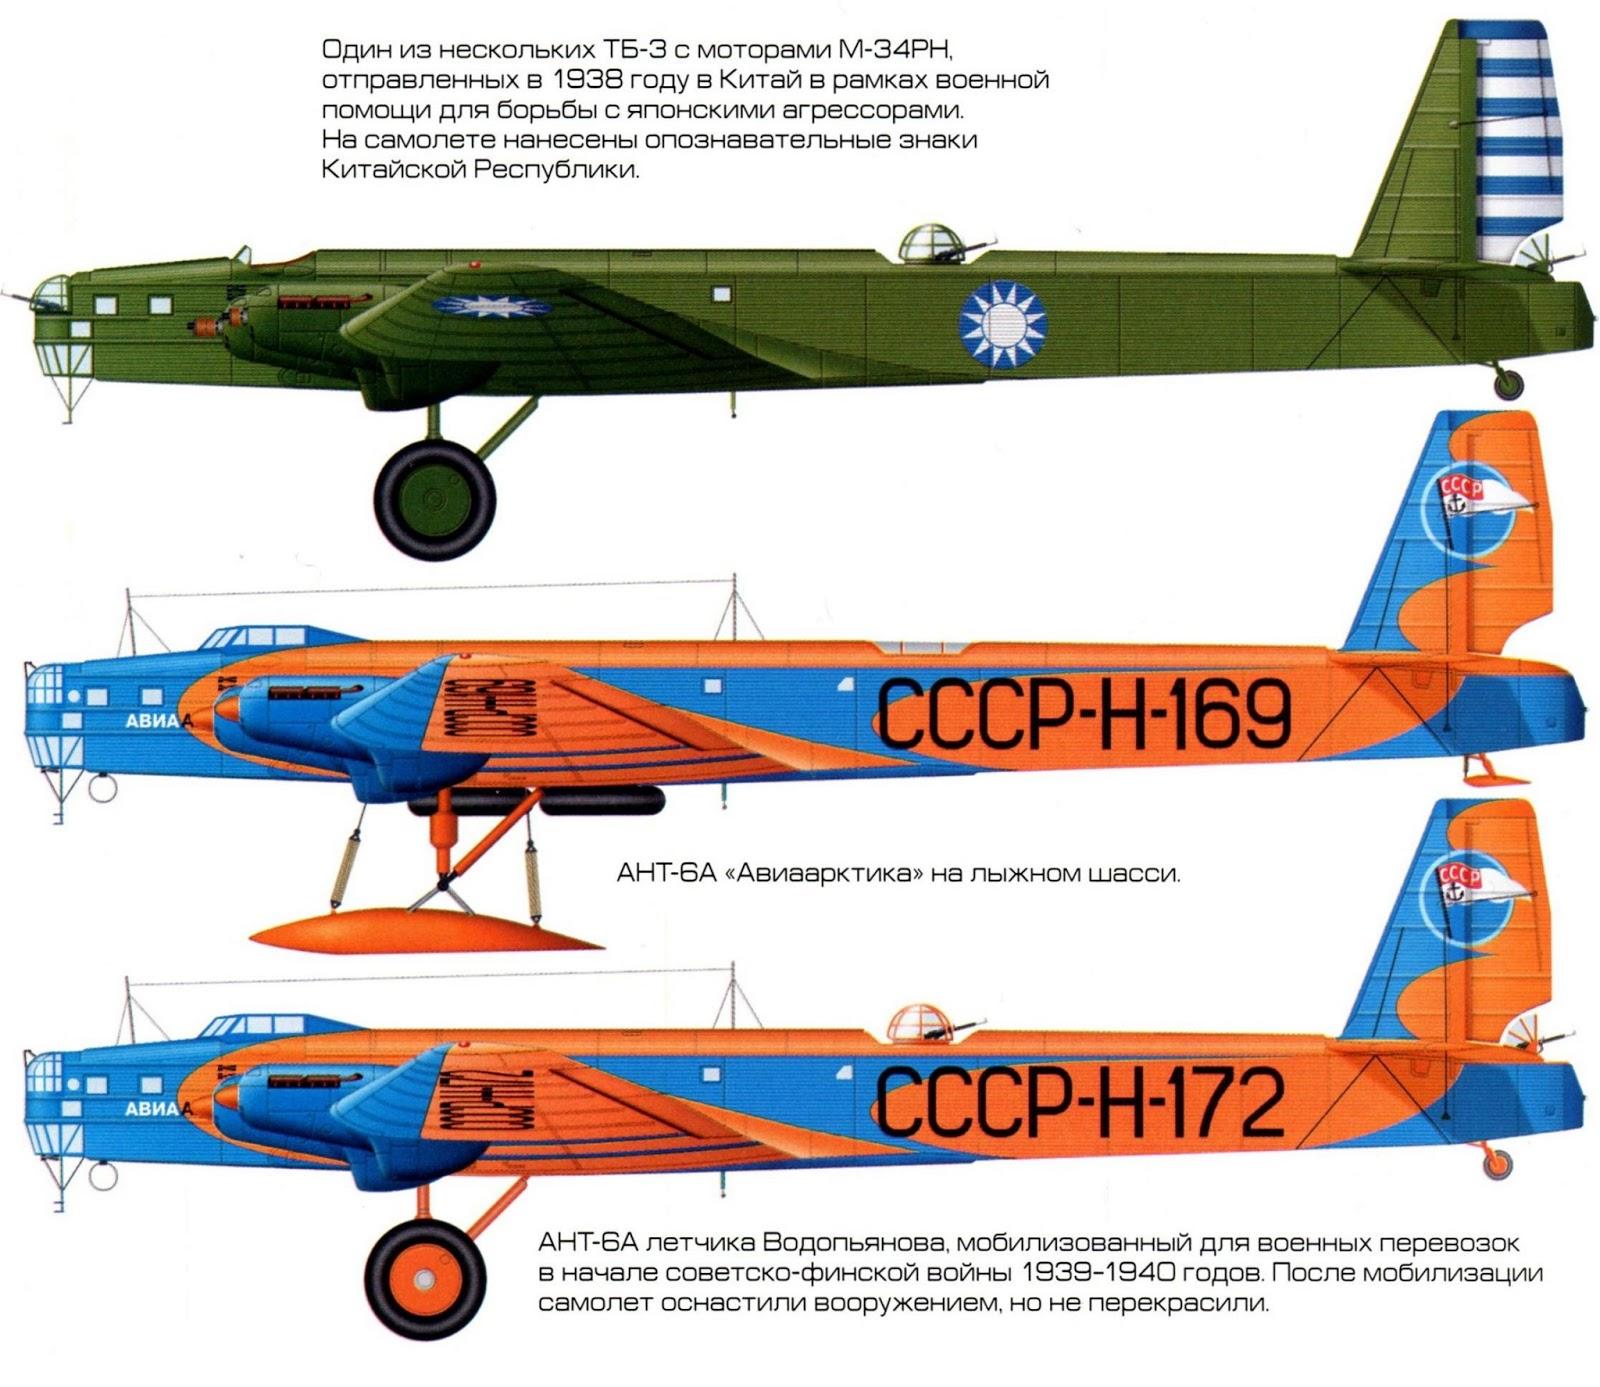 ТБ-3 Самолет-бомбардировщик (АНТ-6), Описание и Технические ... | 1387x1600